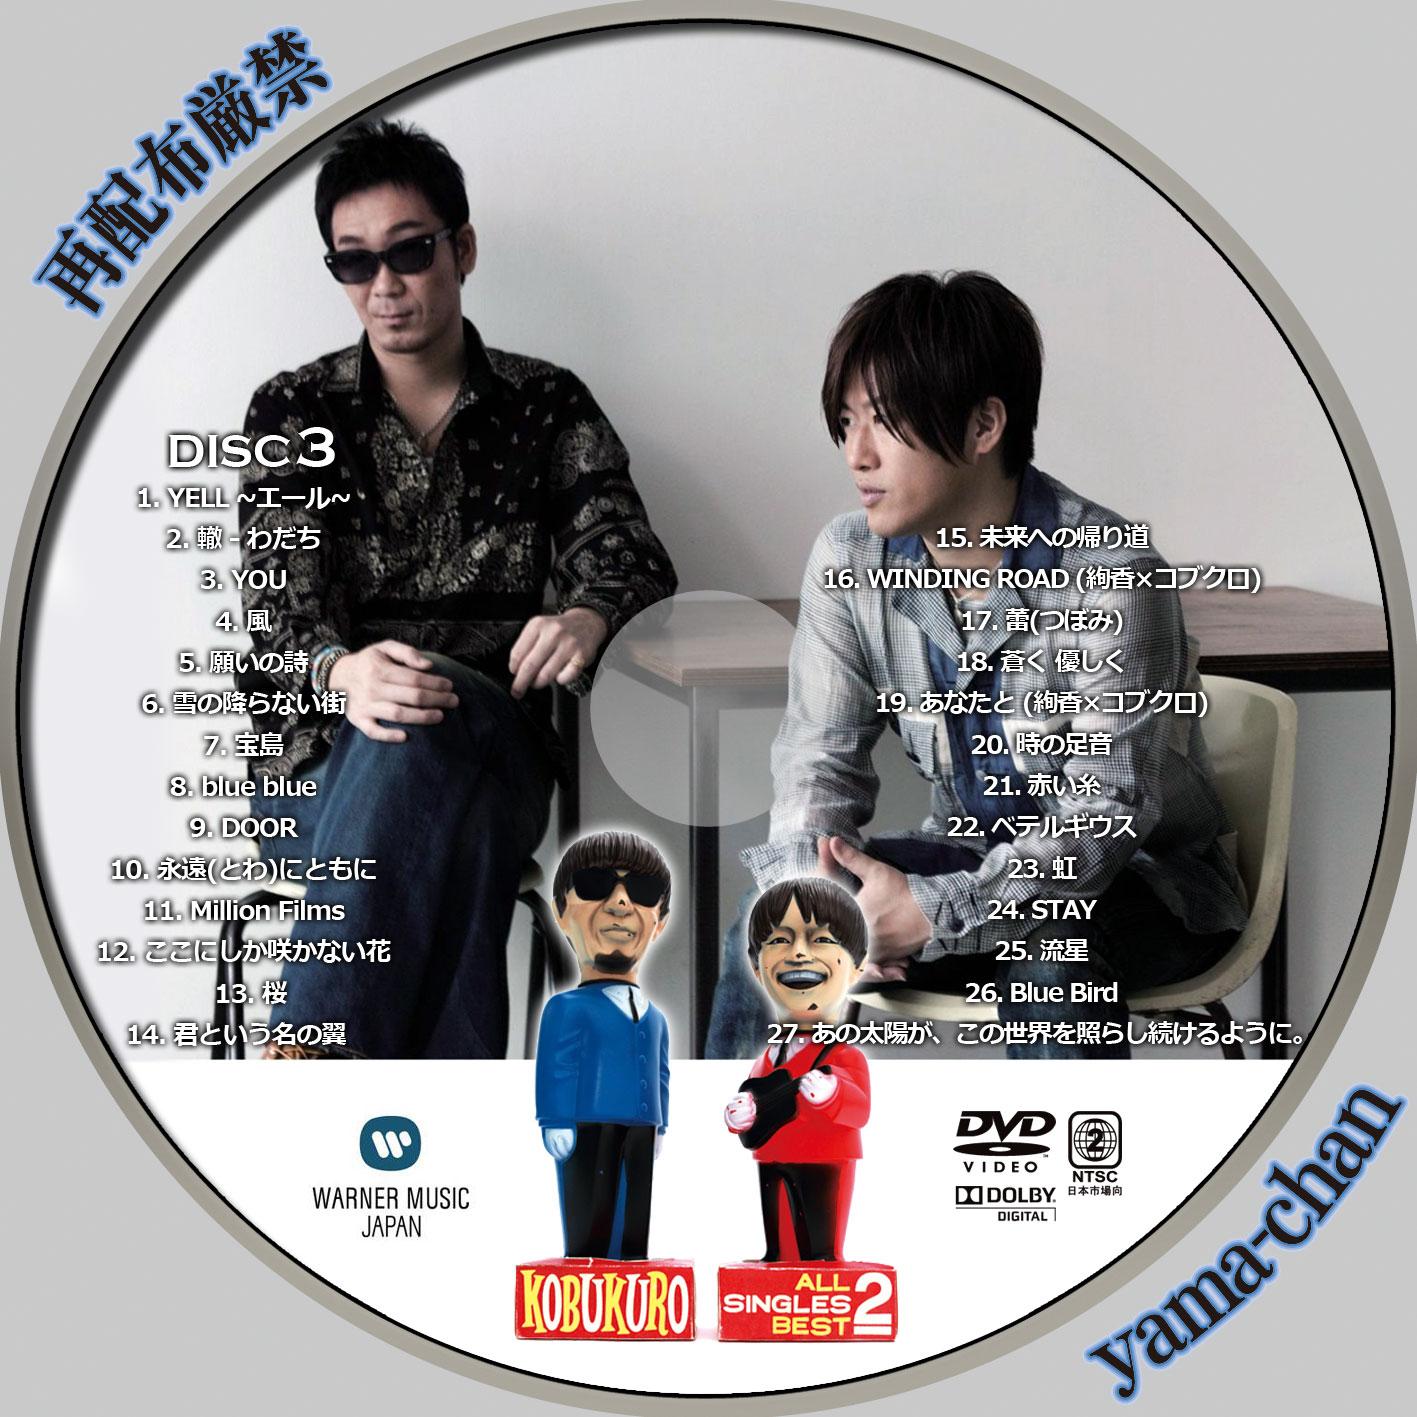 ALL SINGLES BEST ワーナーミュージック・ジャパン 価格比較: 手塚変顔のブログ